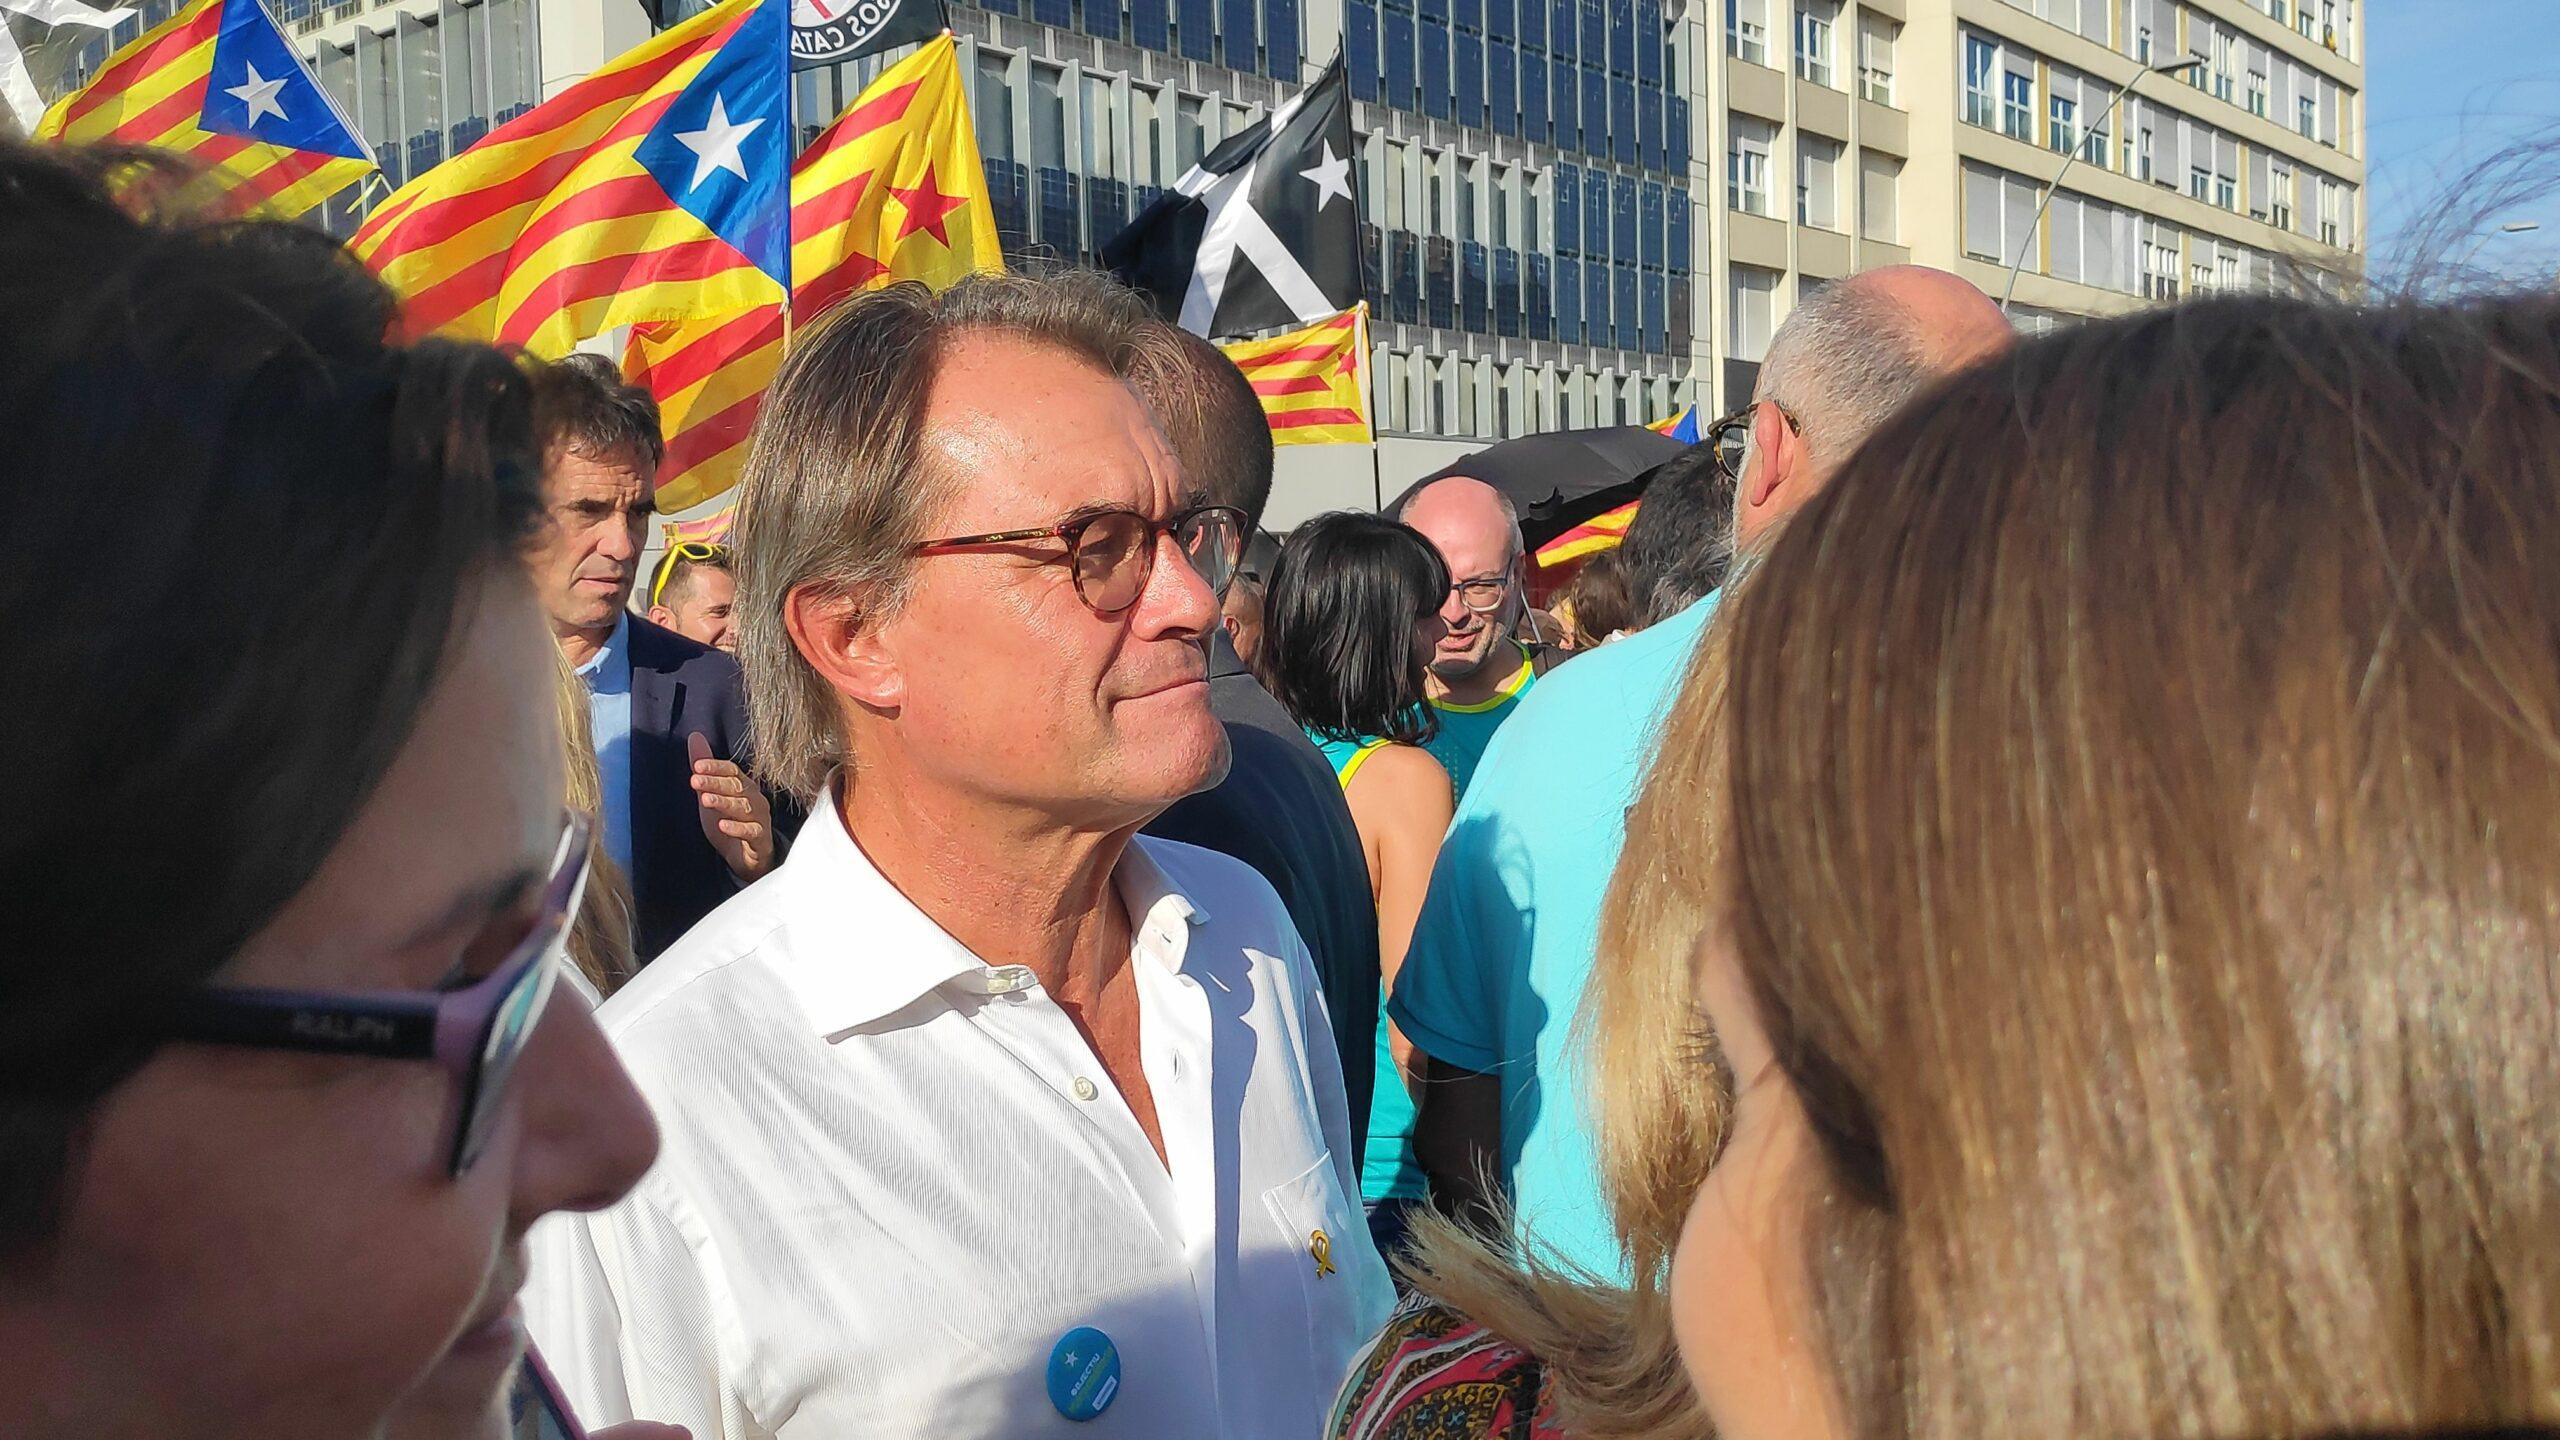 L'expresident Artur Mas tamb? ?s a la manifestaci? de la Diada